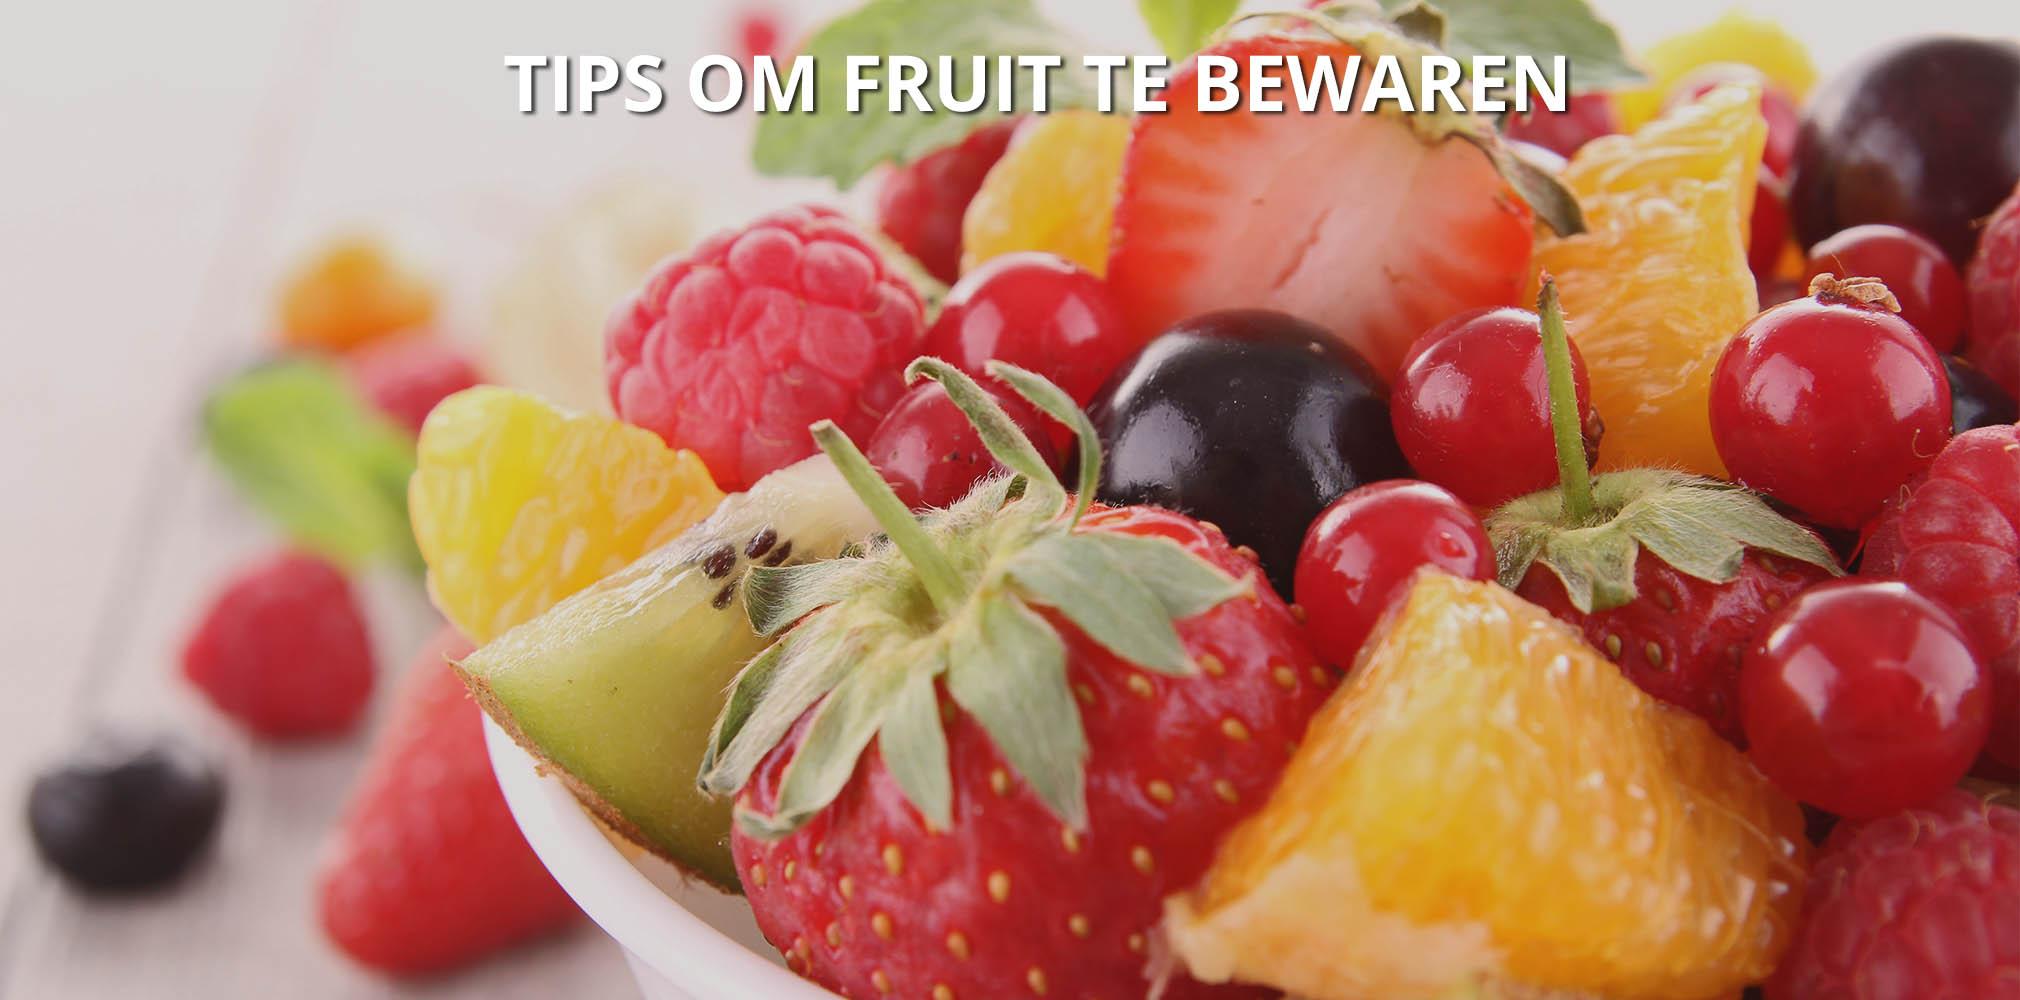 oxo 10 tips om fruit te bewaren